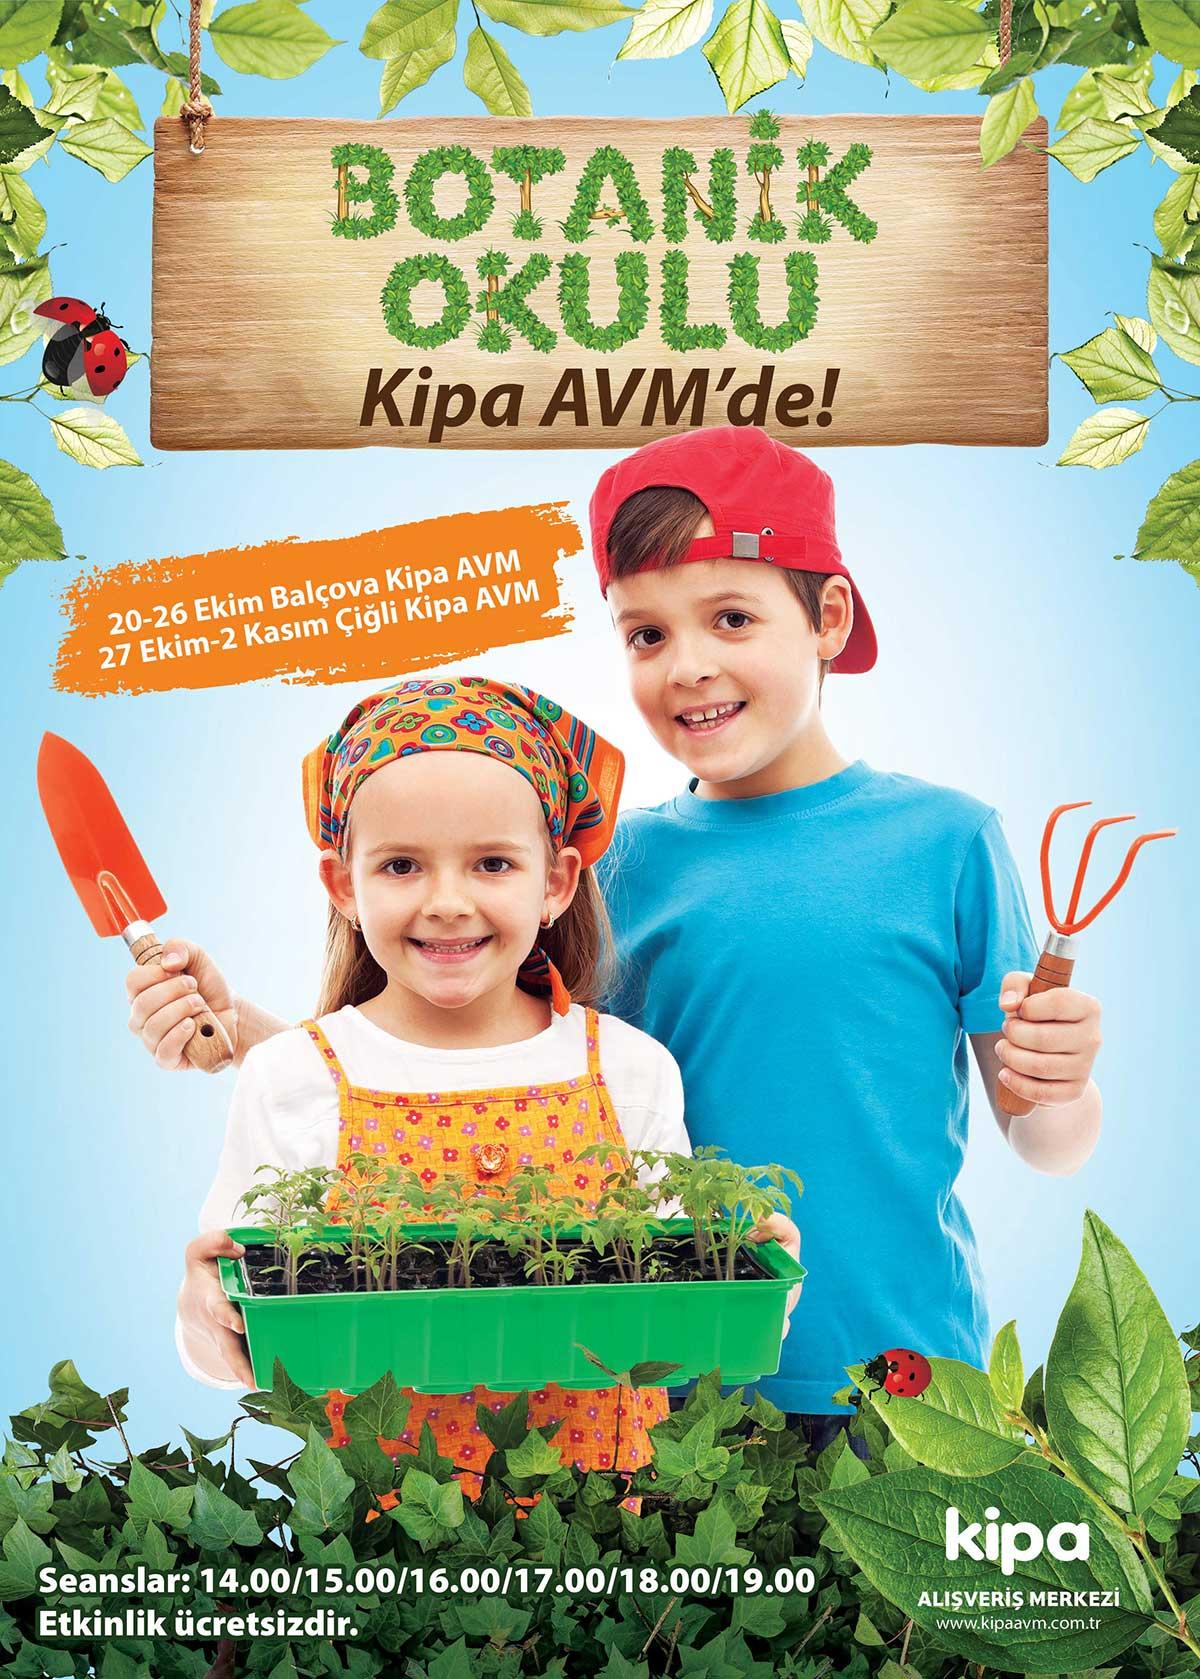 Botanik Okulu Kipa AVM'de!